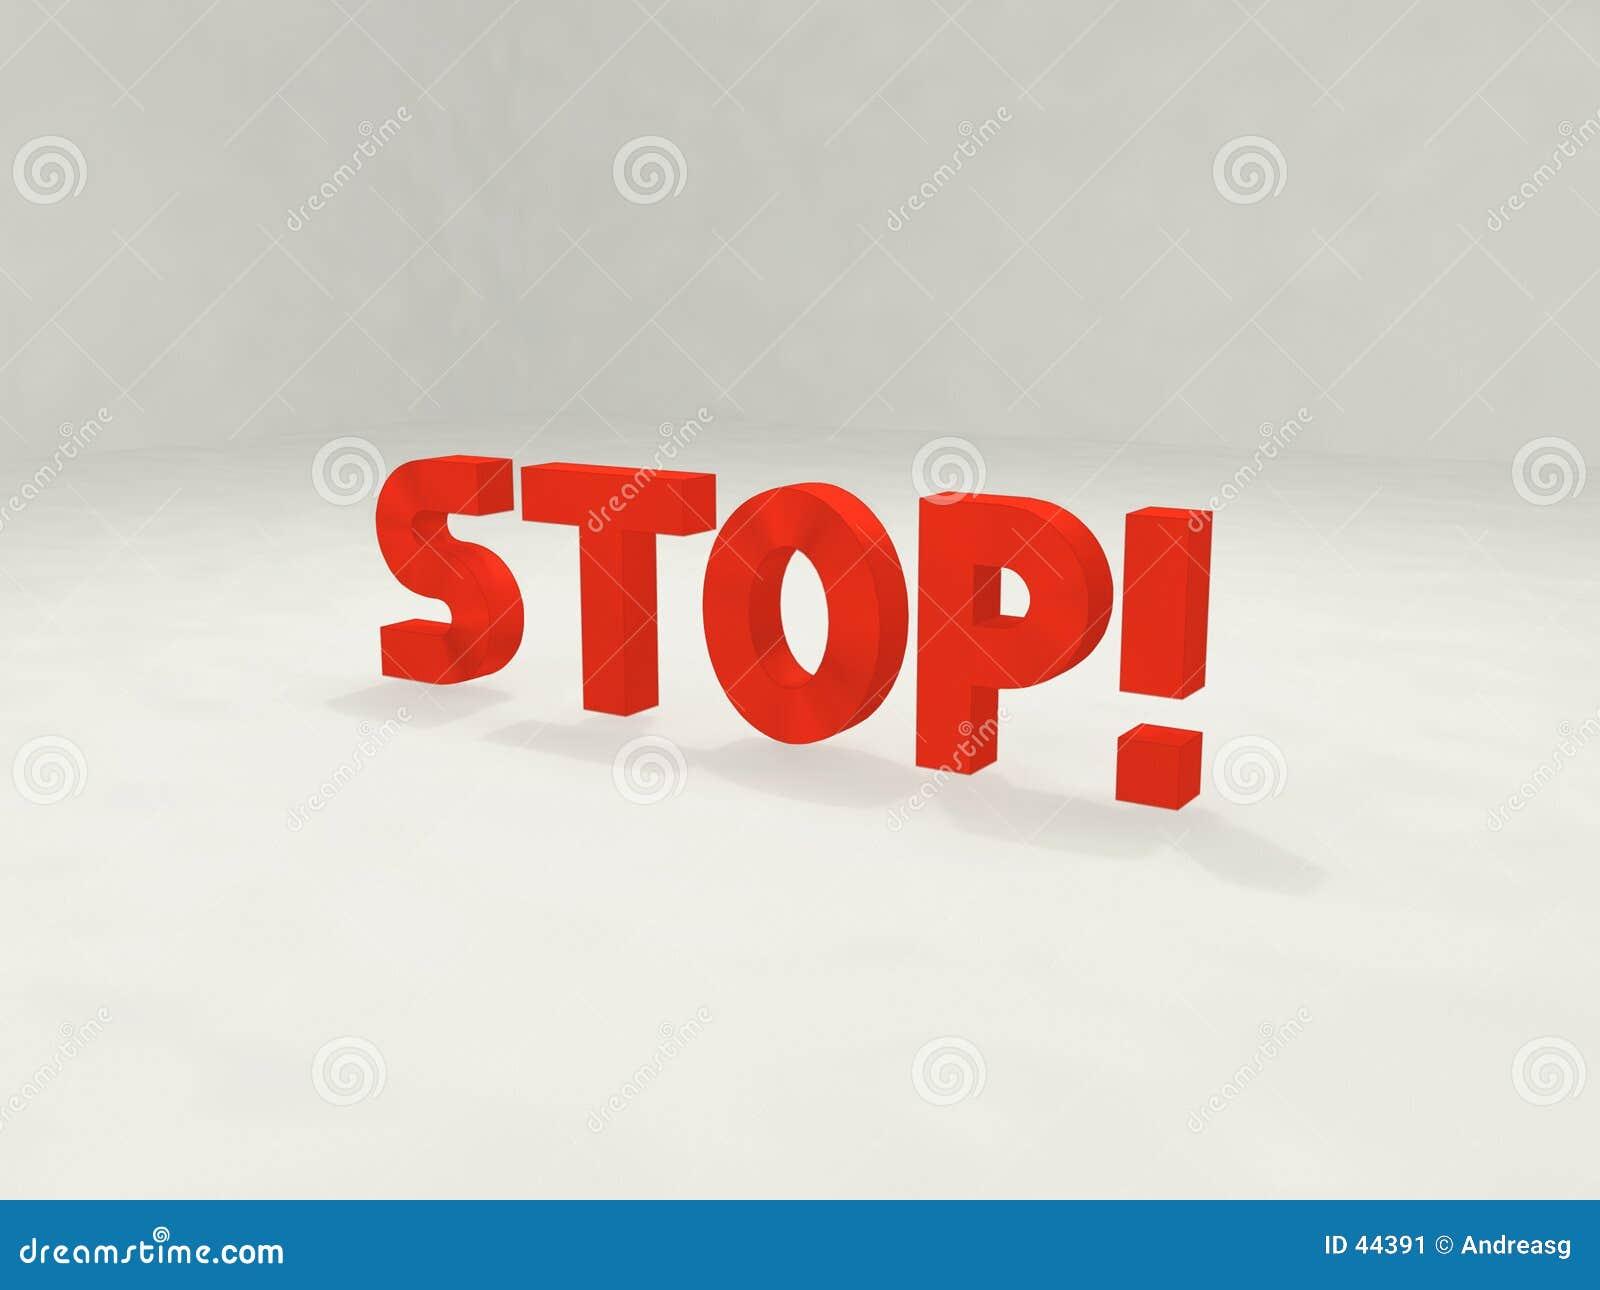 3d Stop!